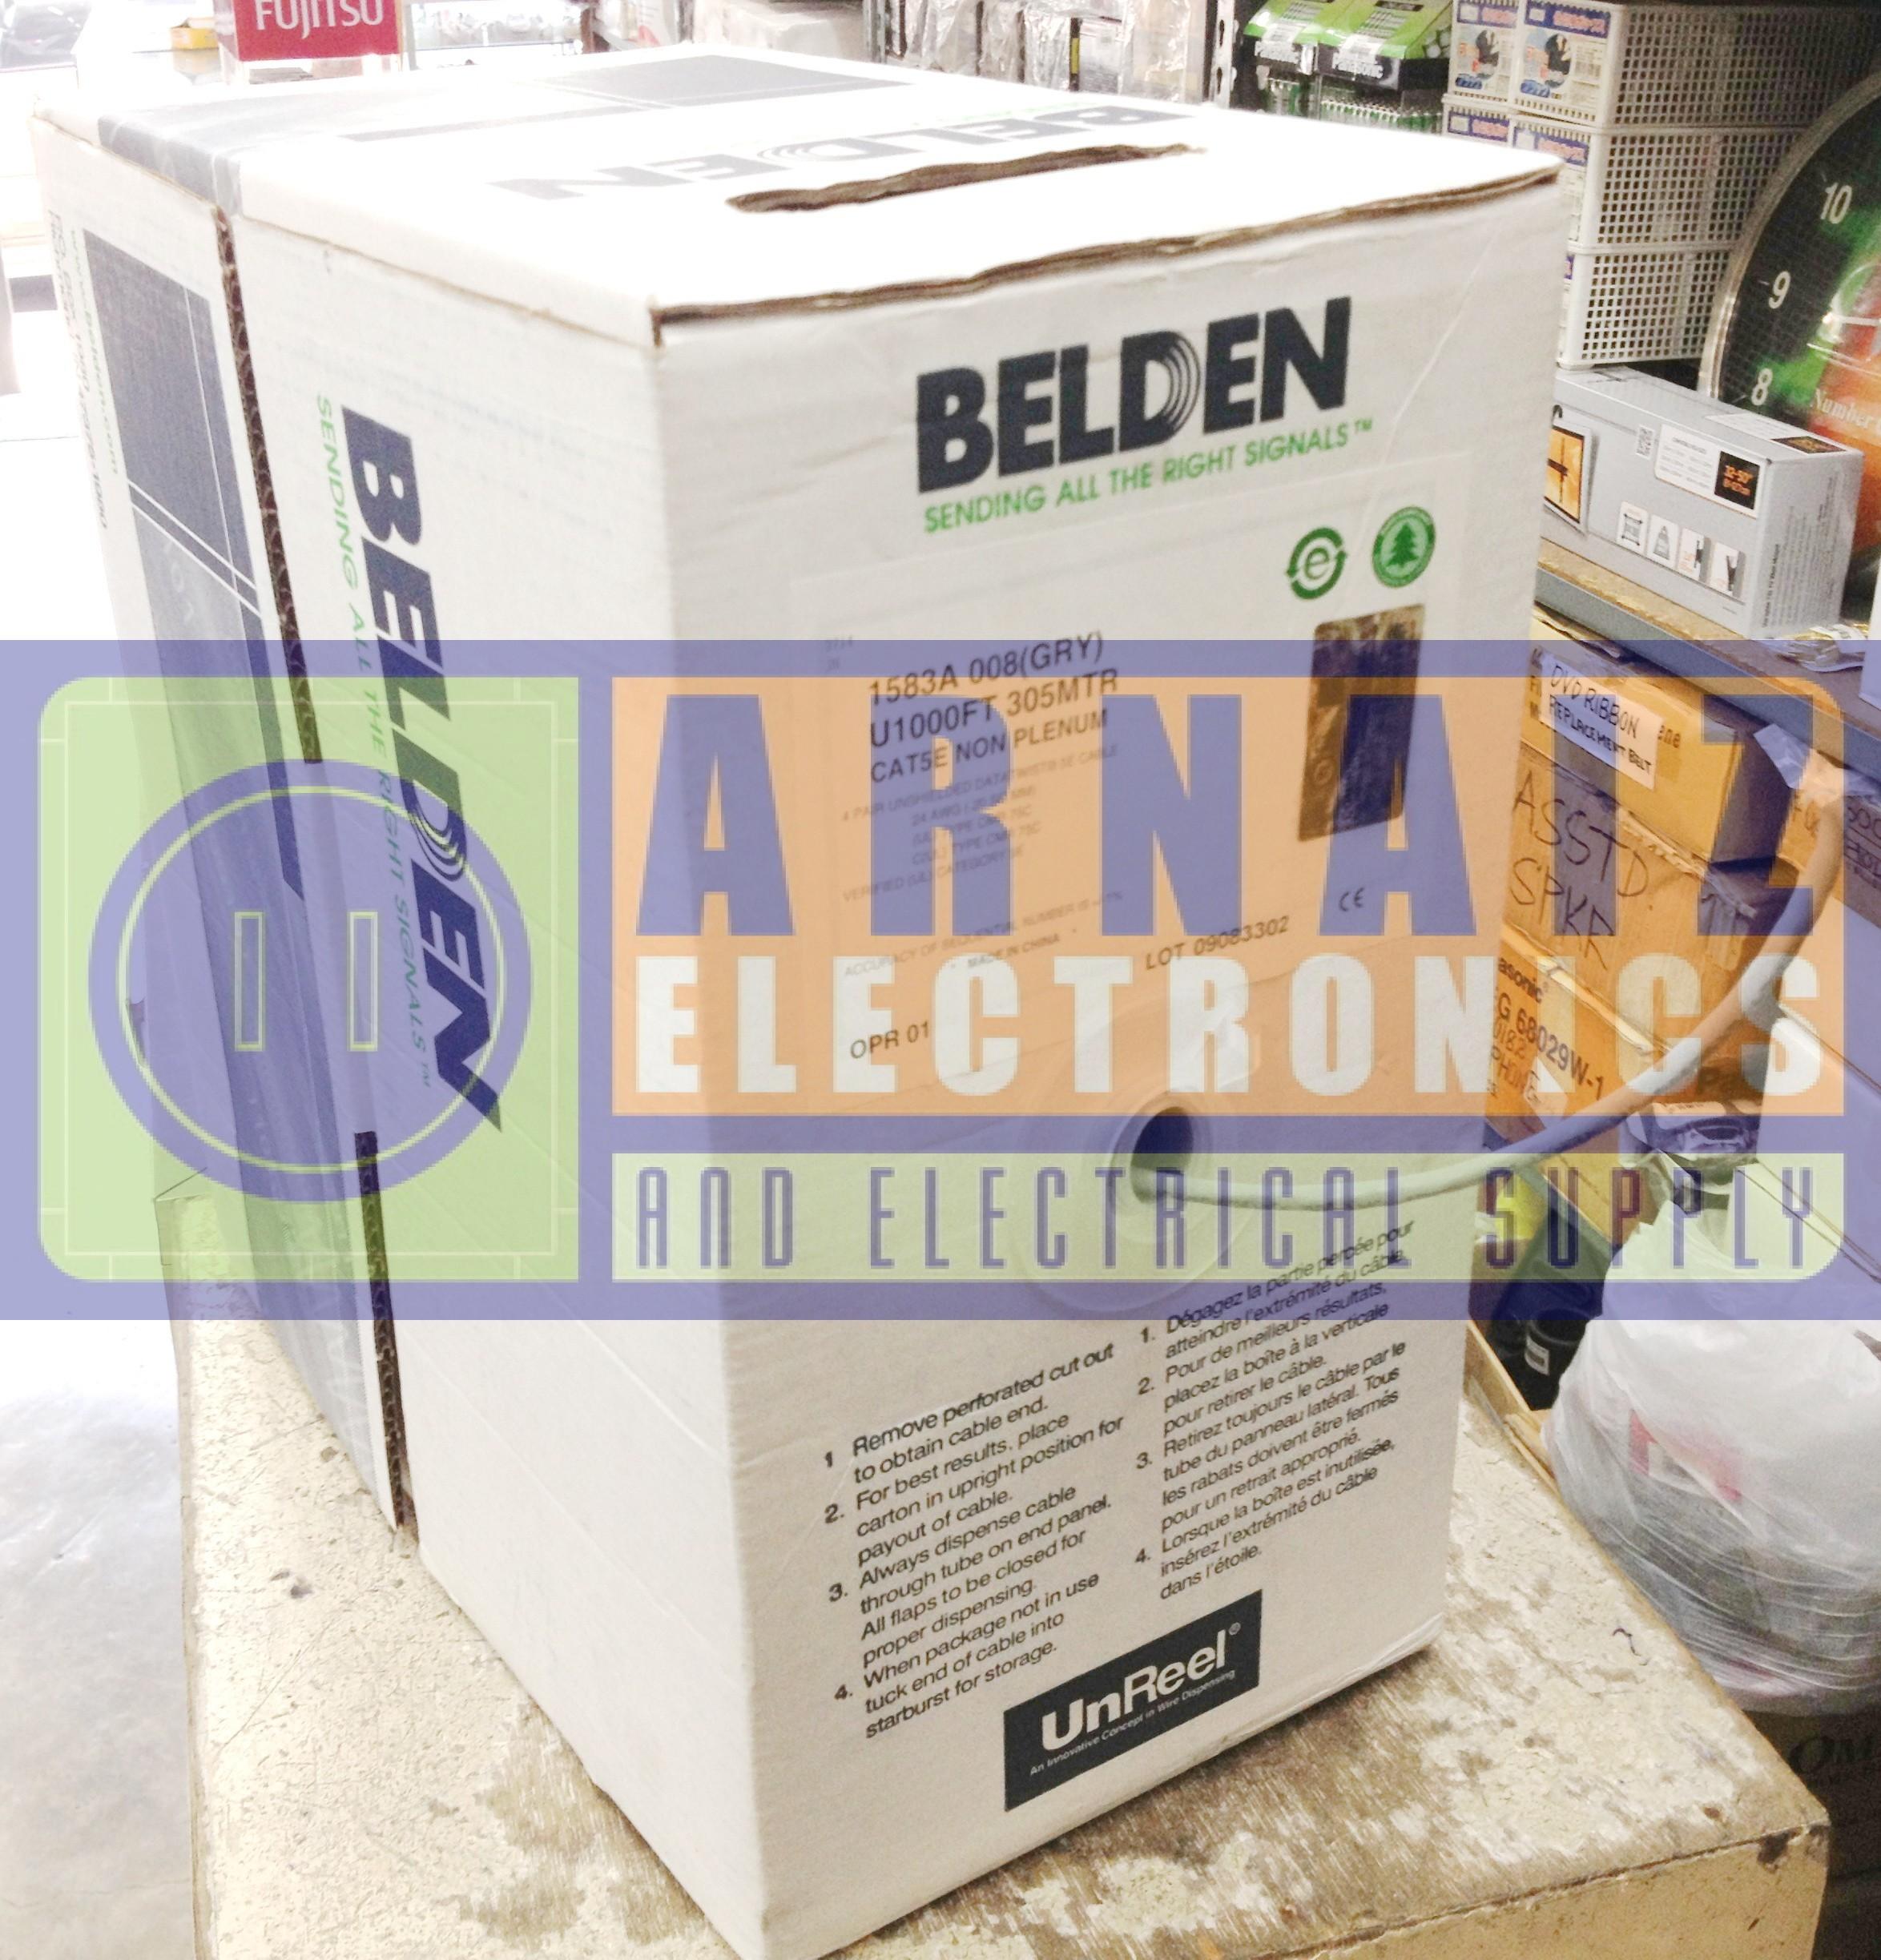 Belden Cable Utp Cat5e 305 Mtr The Best 2018 Kabel Lan Original Usa  Per Meter Jual Cat5 Cat 5e Made In 1 Roll Oktha